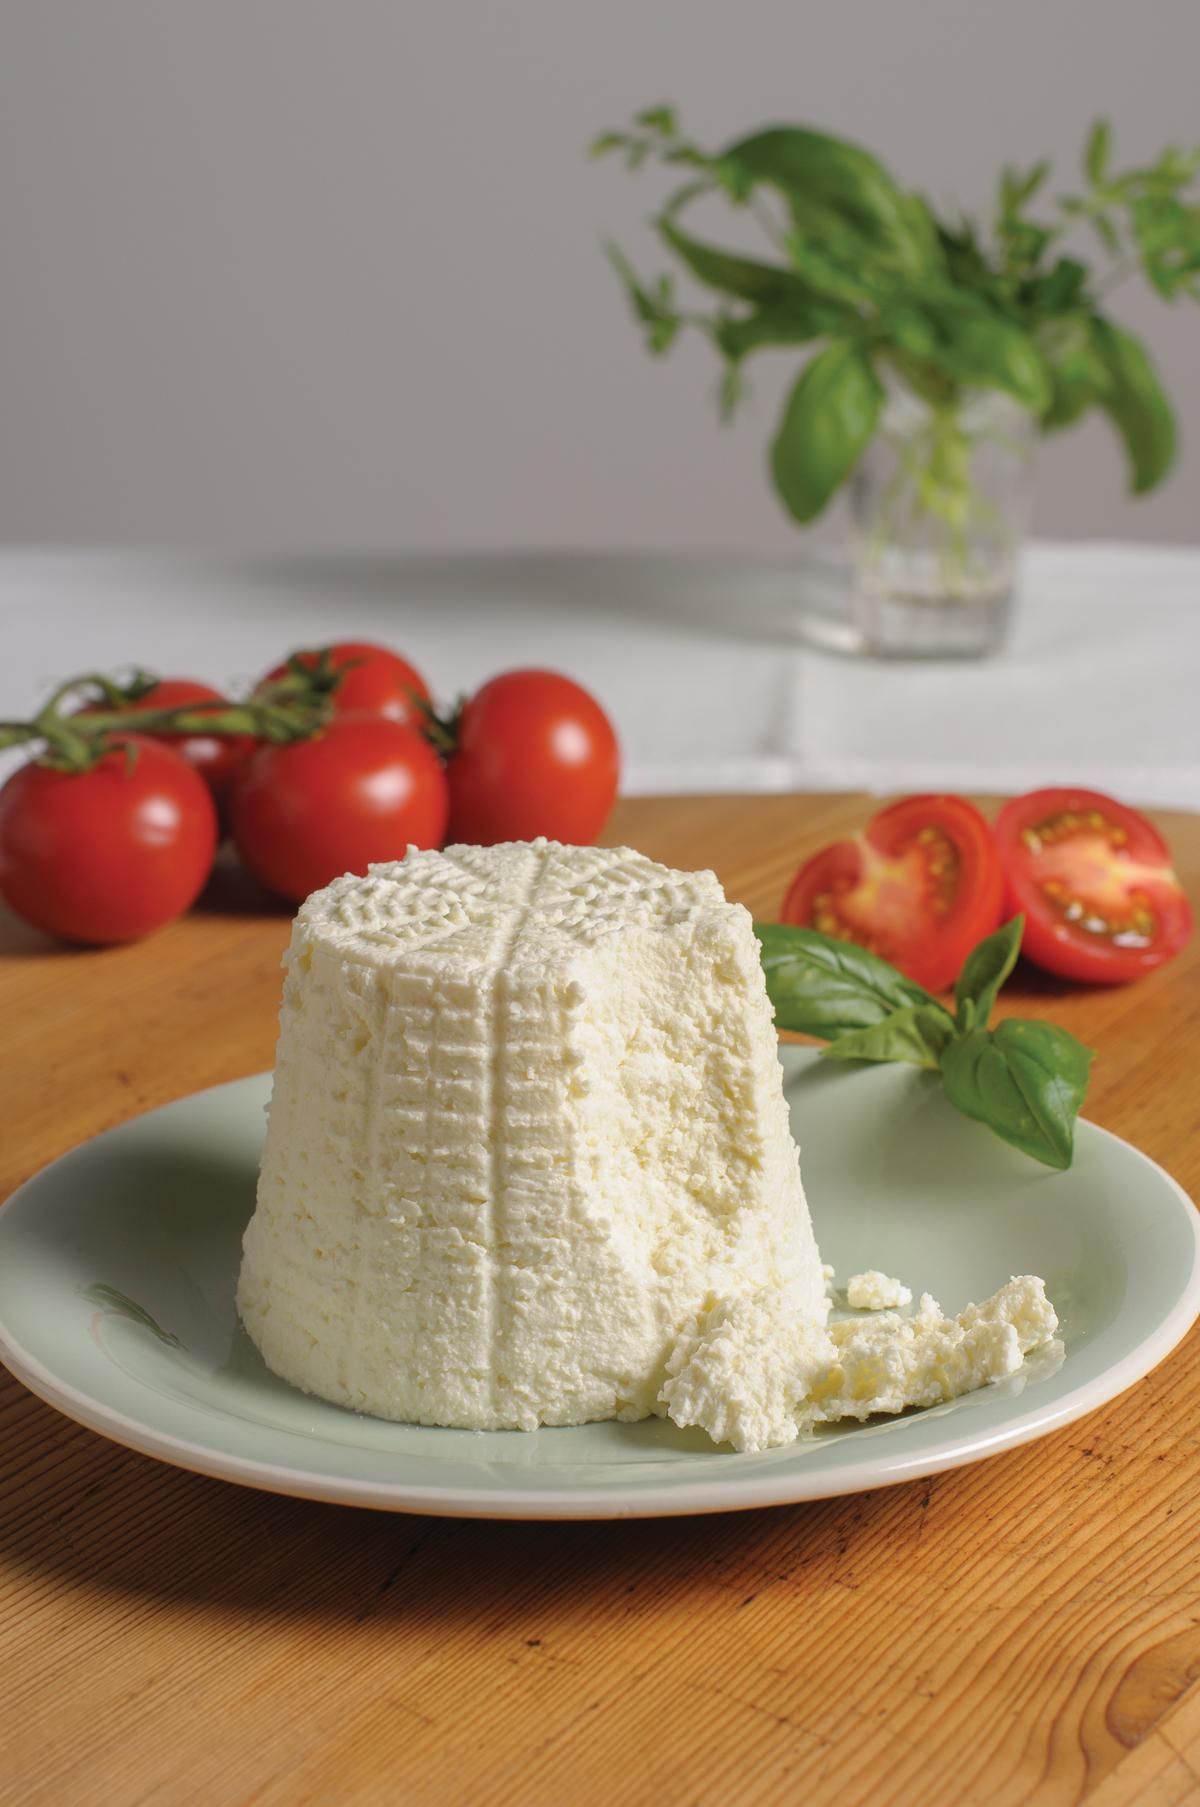 Beginners Italian Cheese Making Class